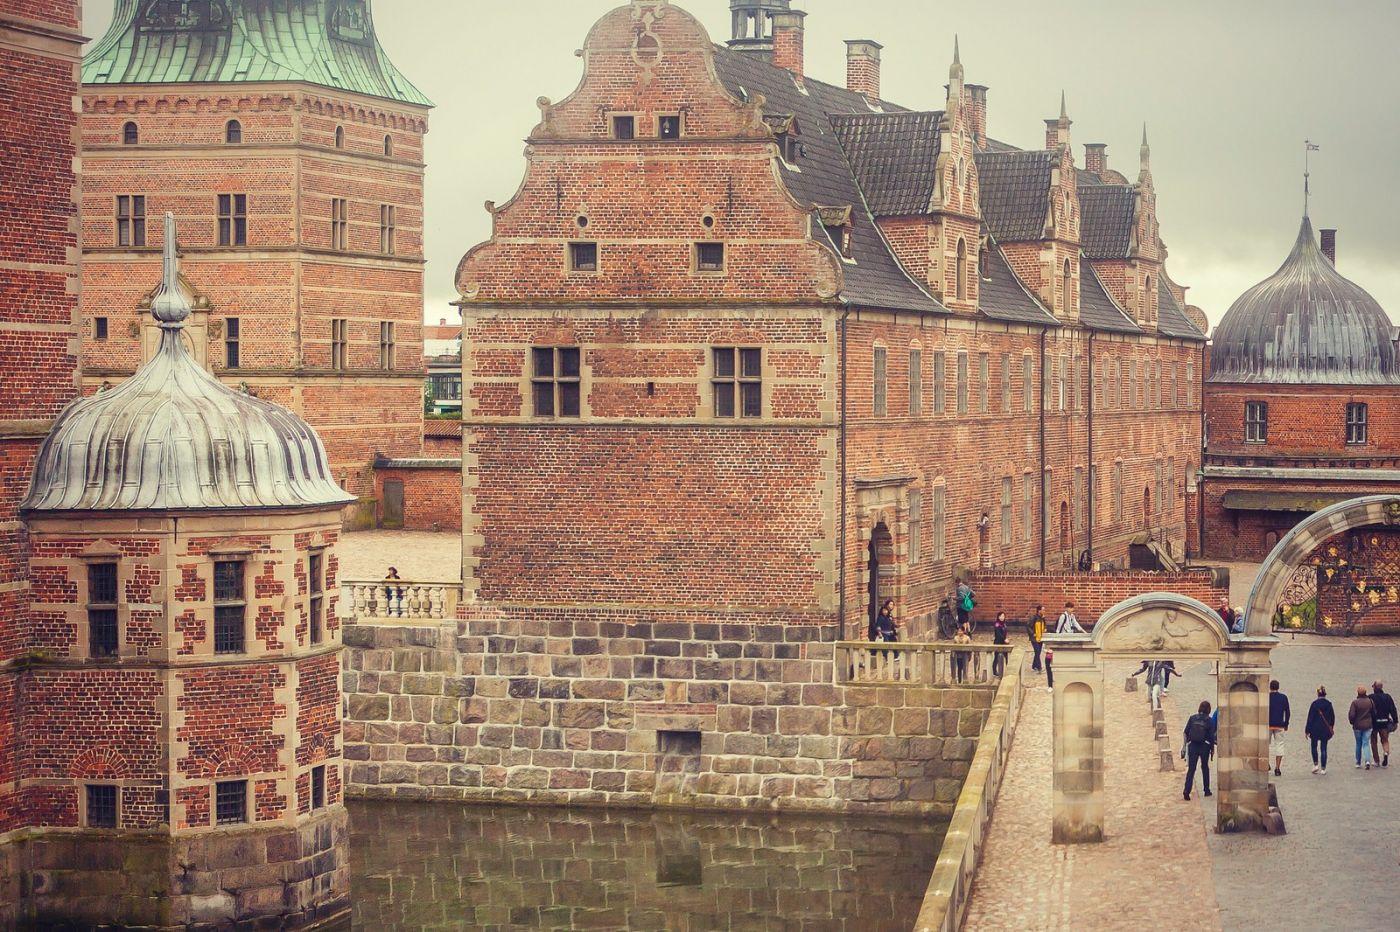 丹麦腓特烈堡城堡,当年的风采_图1-9